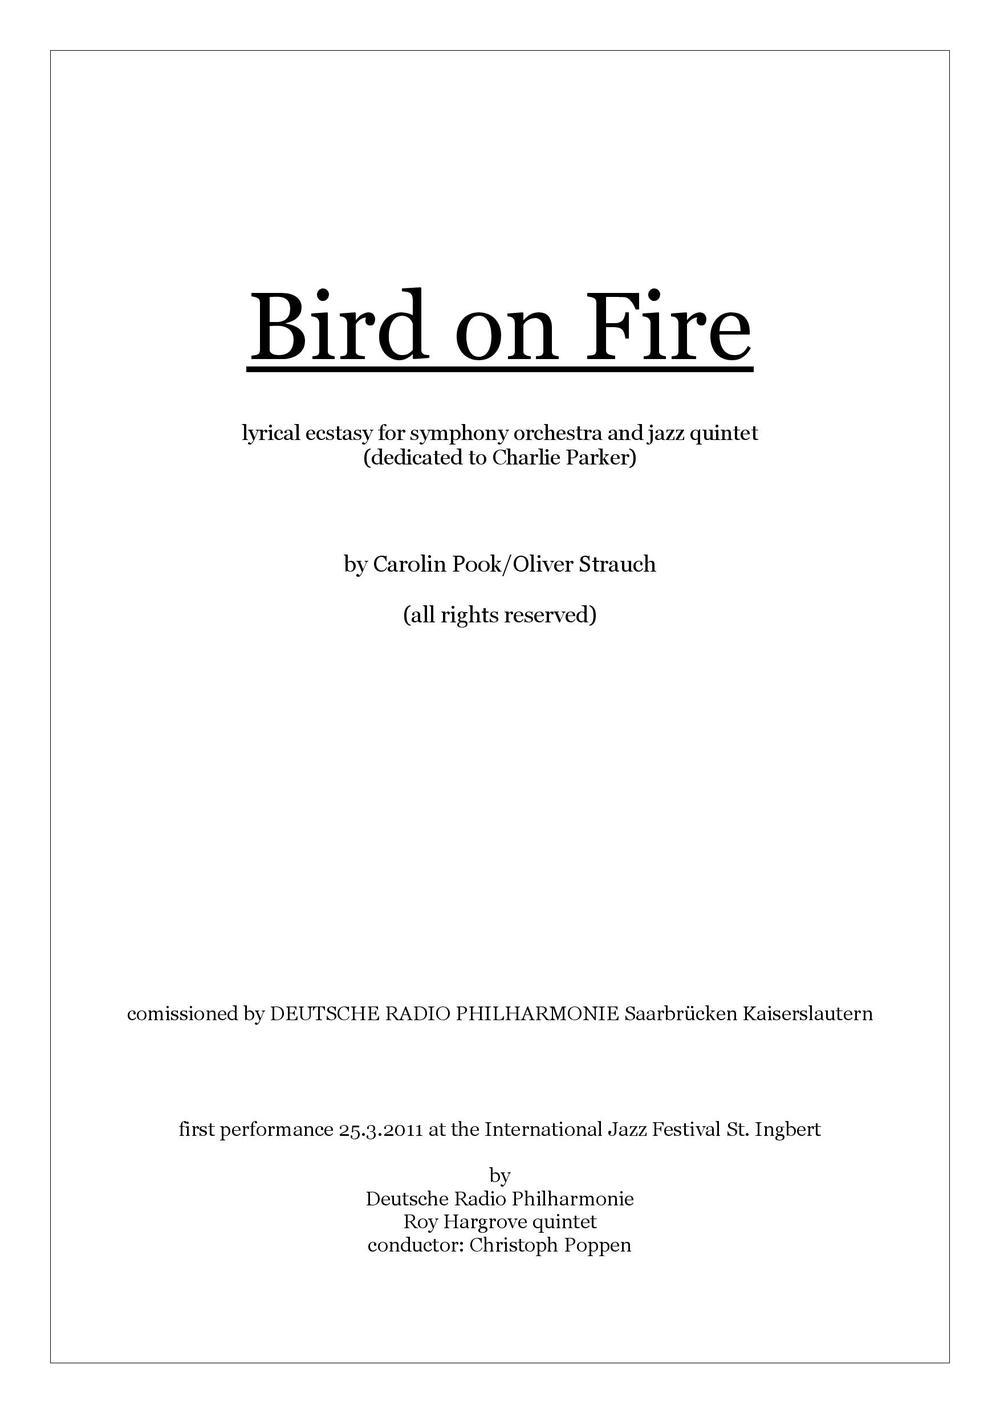 Bird on Fire - score-page-001.jpg